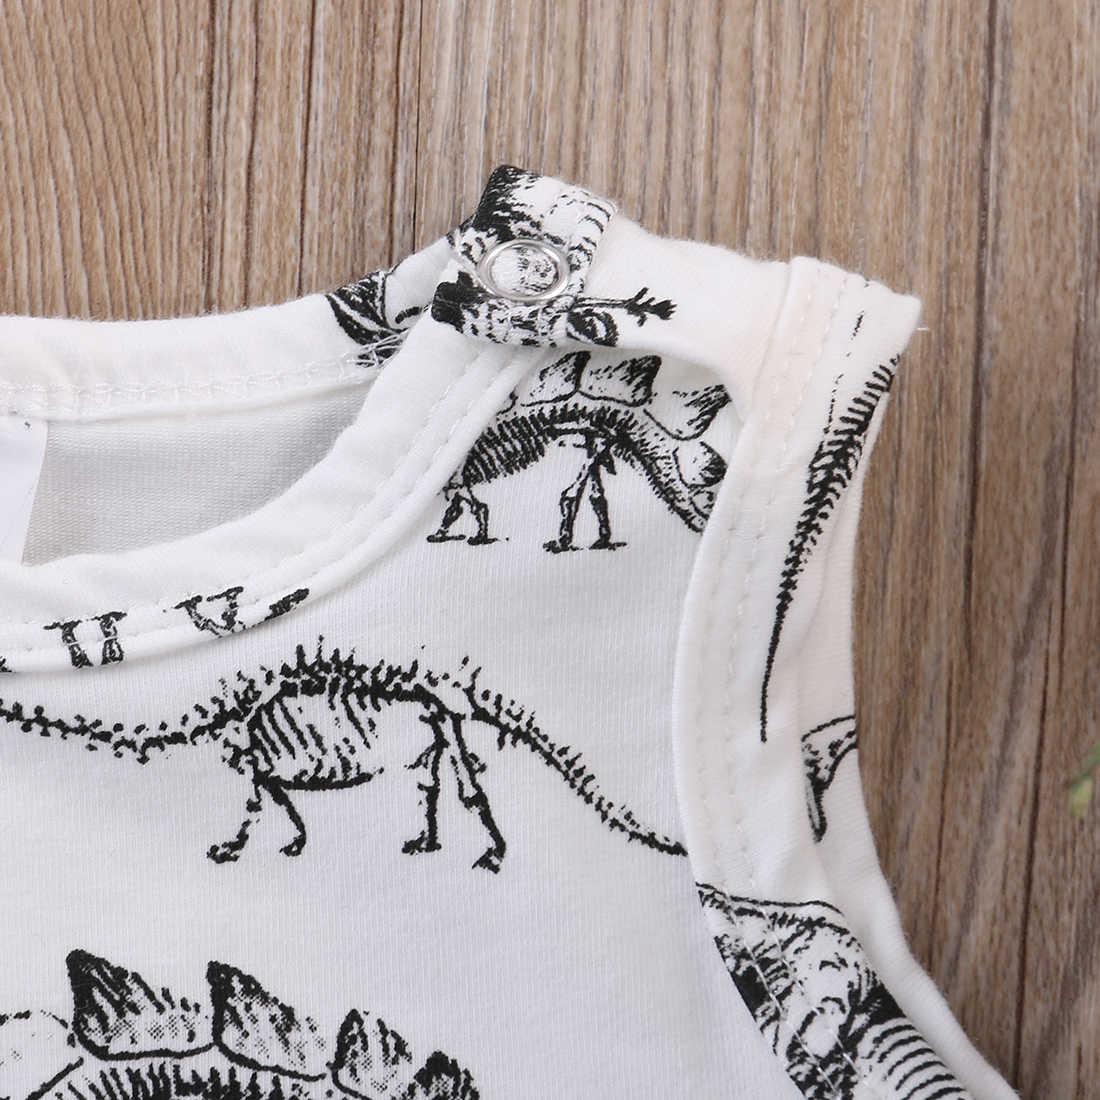 2017 Одежда для новорожденных мальчиков и девочек хлопковый комбинезон с динозаврами, костюм без рукавов